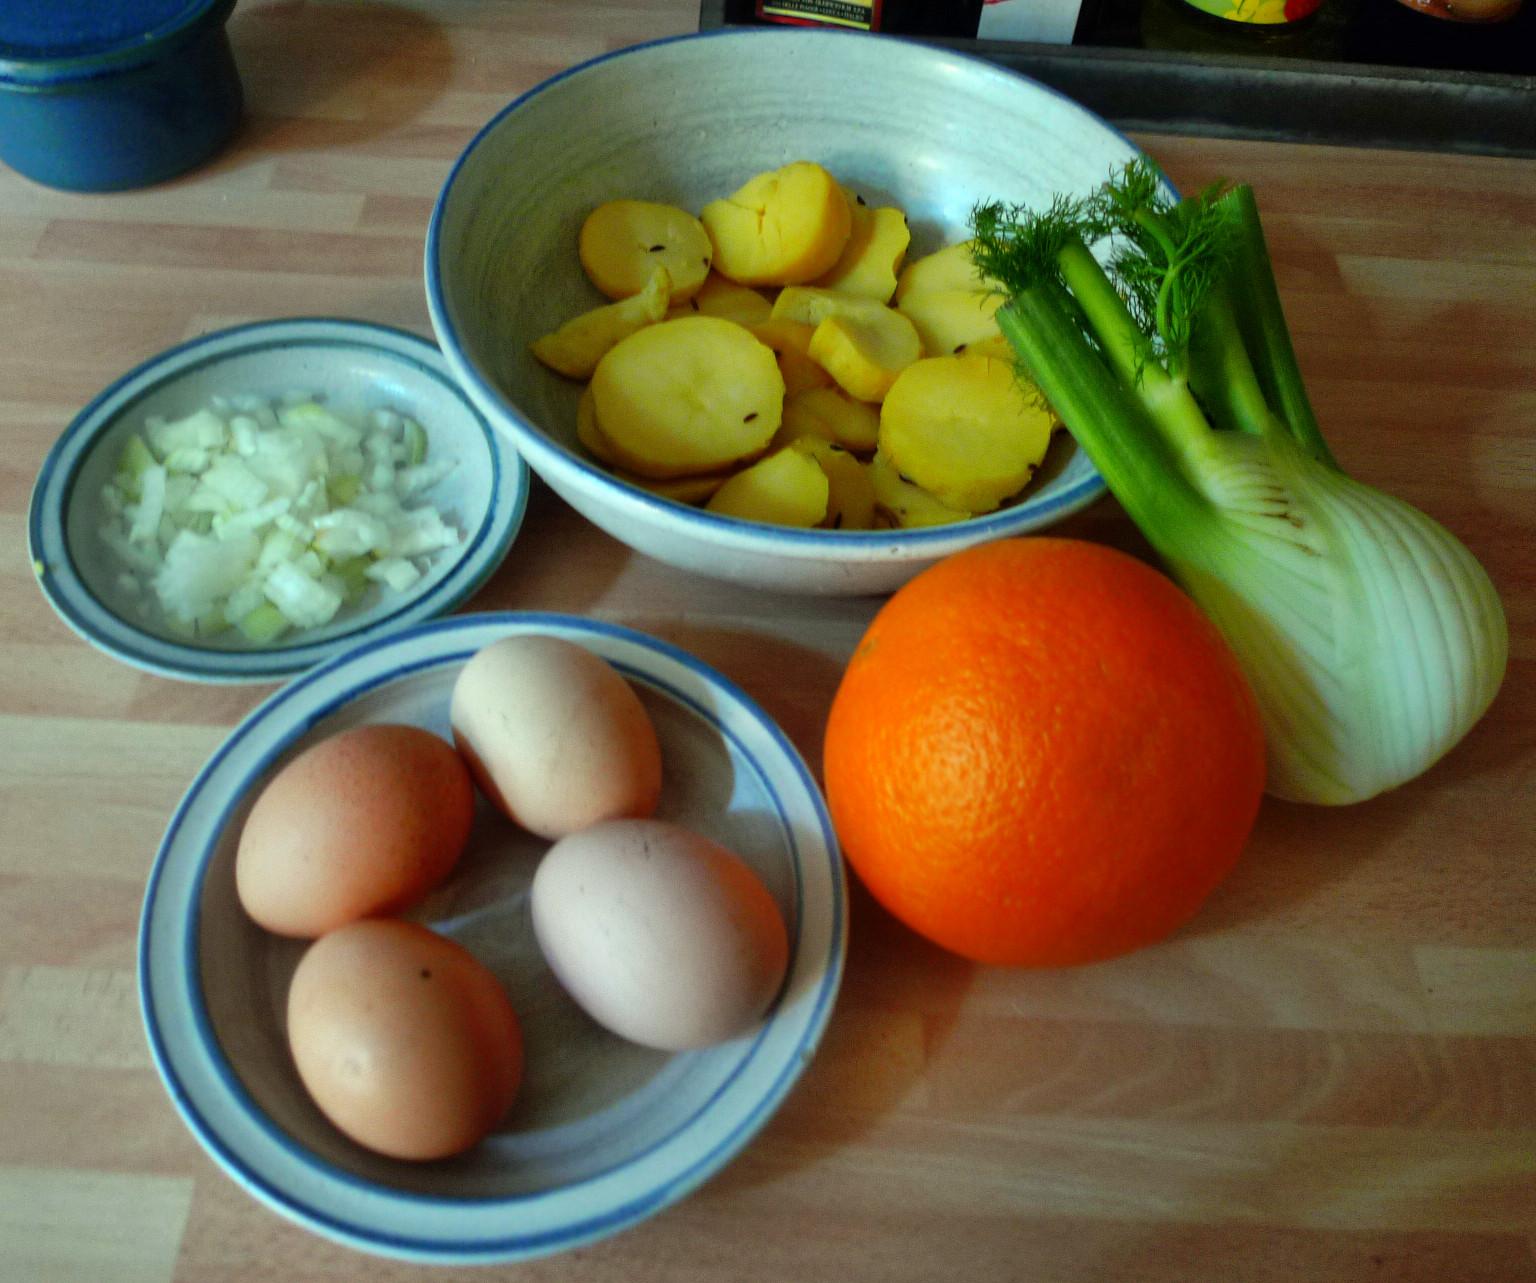 Bratkartoffel,Spiegelei,Fenchelsalat - 24.2.15   (2)